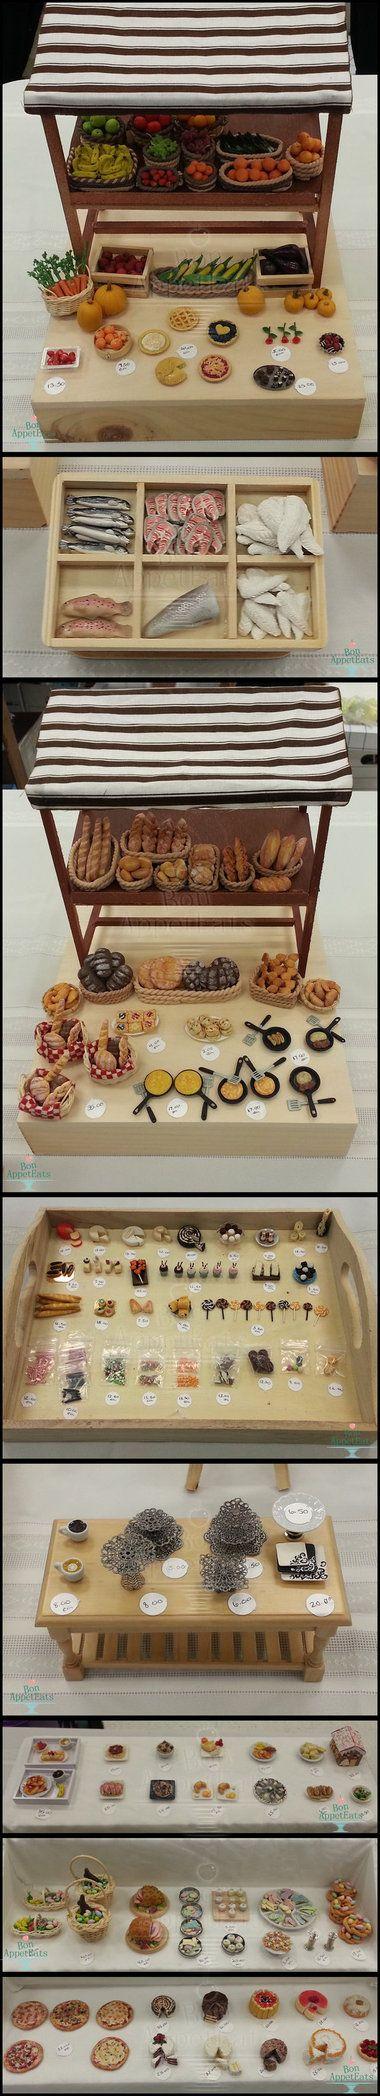 Miniature Show Table Details